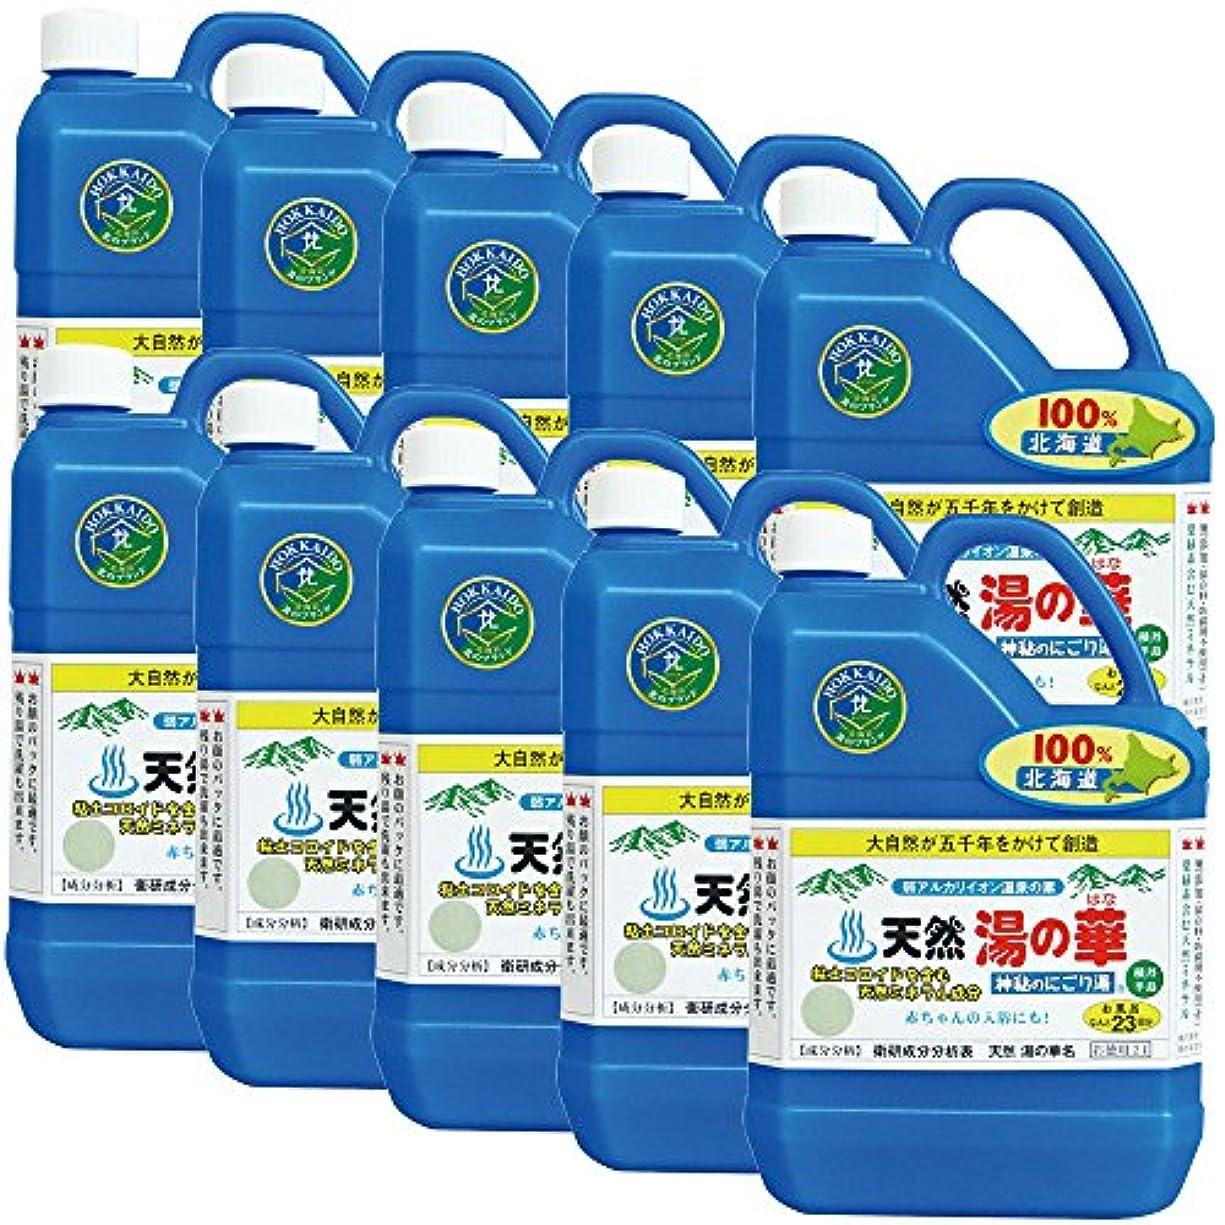 純粋に有害世界に死んだ天然湯の華 23回分 10本セット